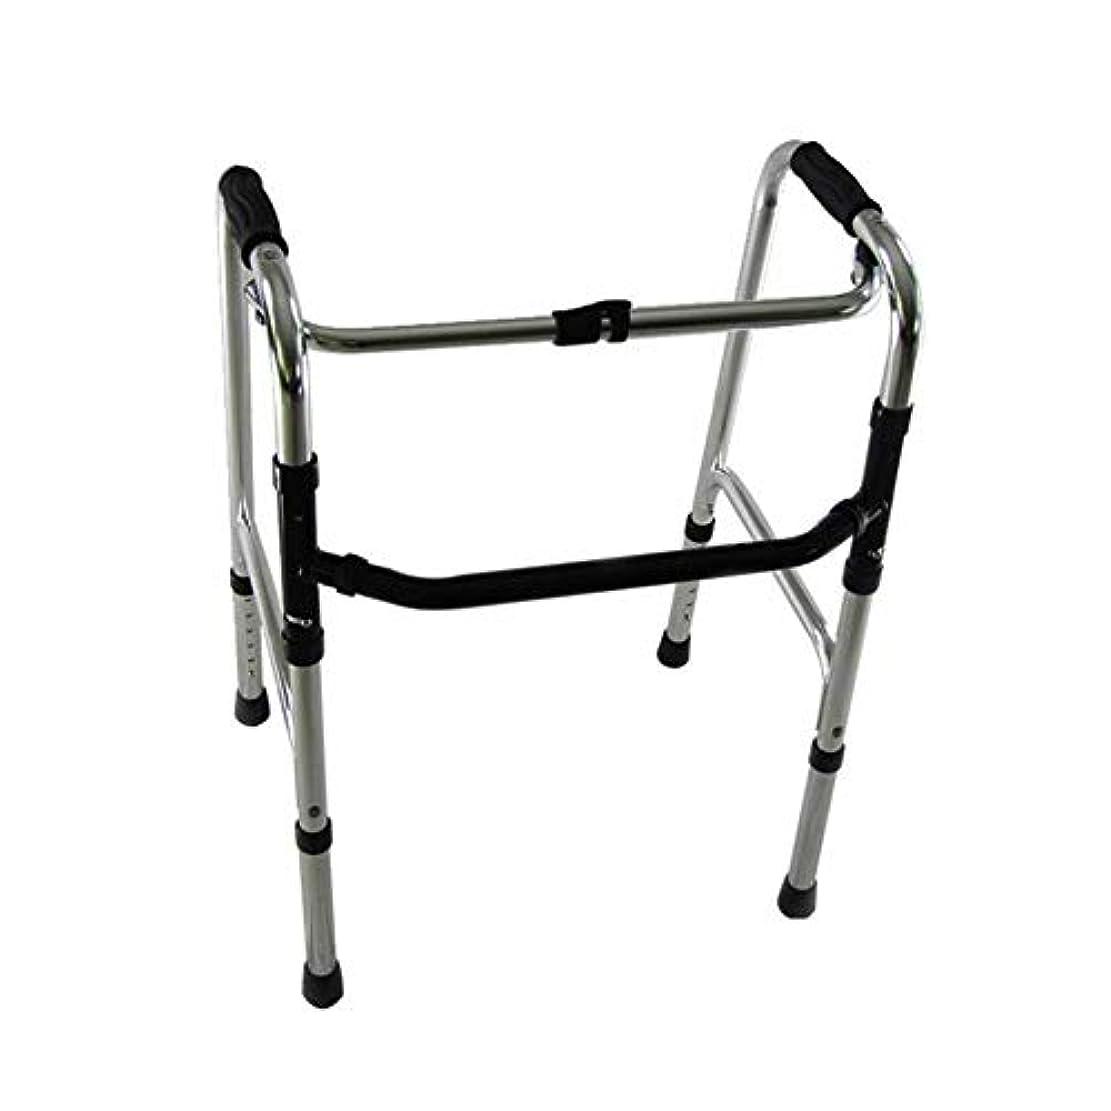 起こりやすいタクト抜本的な高齢者の障害者支援のために調整可能な軽量歩行フレーム折りたたみアルミニウムの高さ